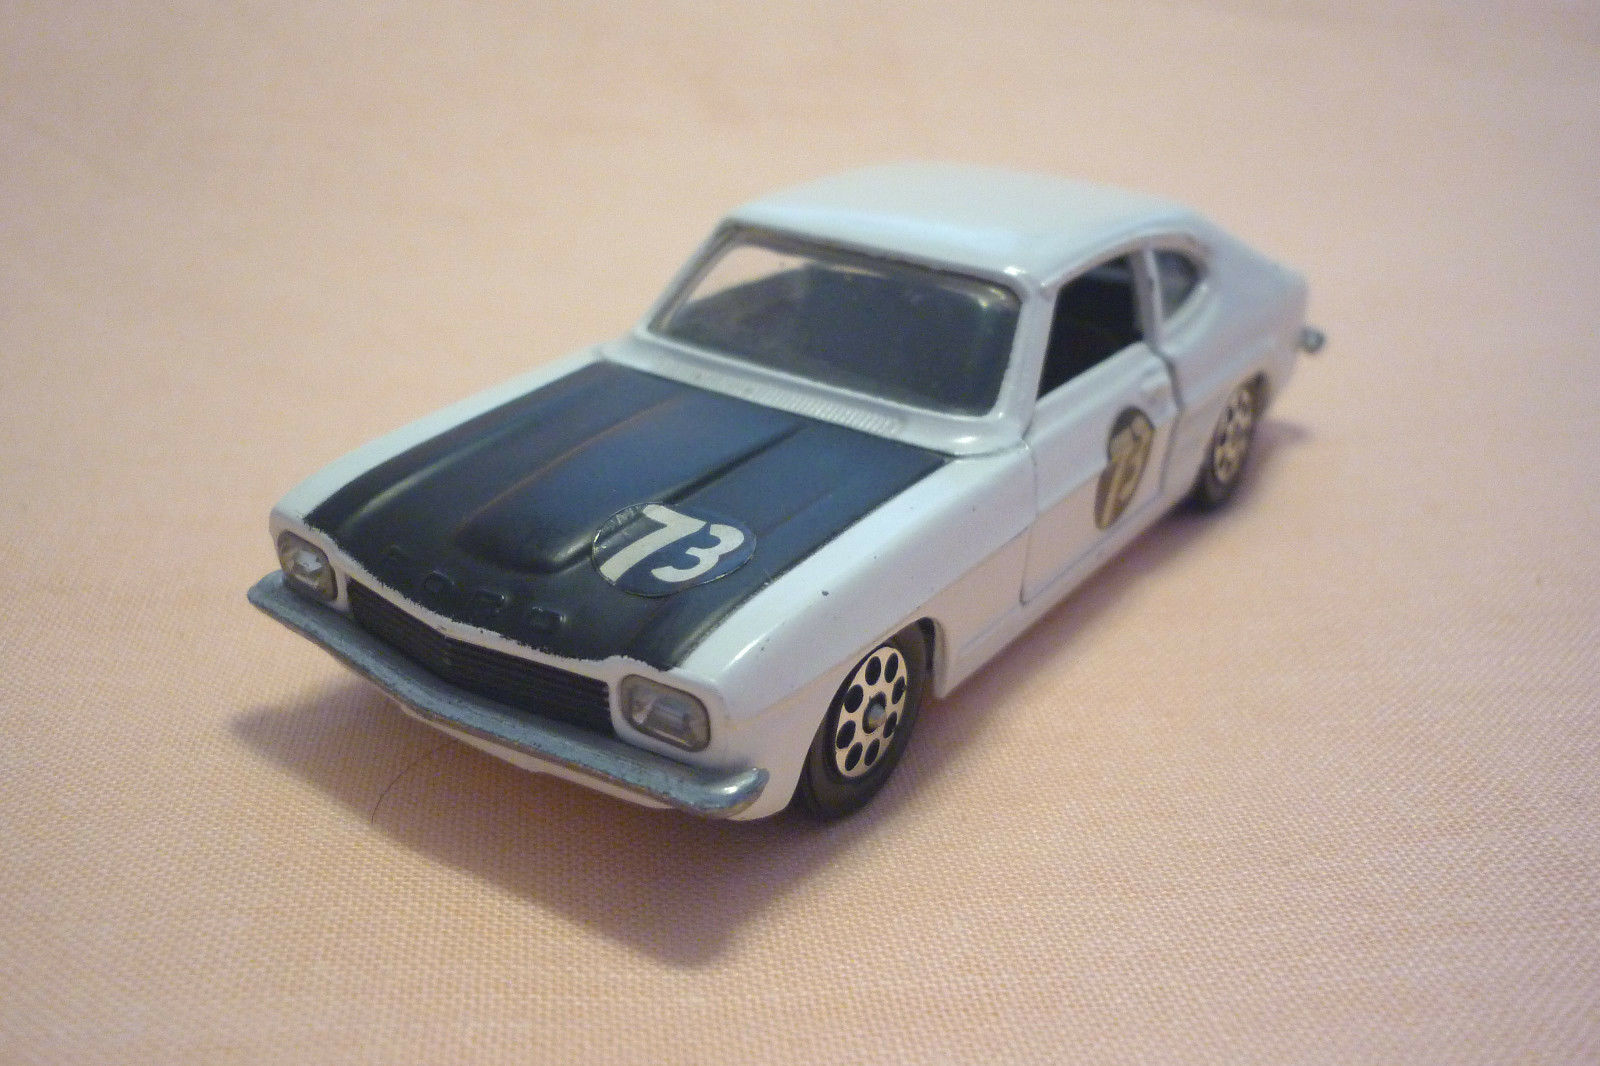 CORGI TOYS - Vintage Vintage Vintage Miniatura De Metal - FORD CAPRI - (Corgi 54) 73edb1